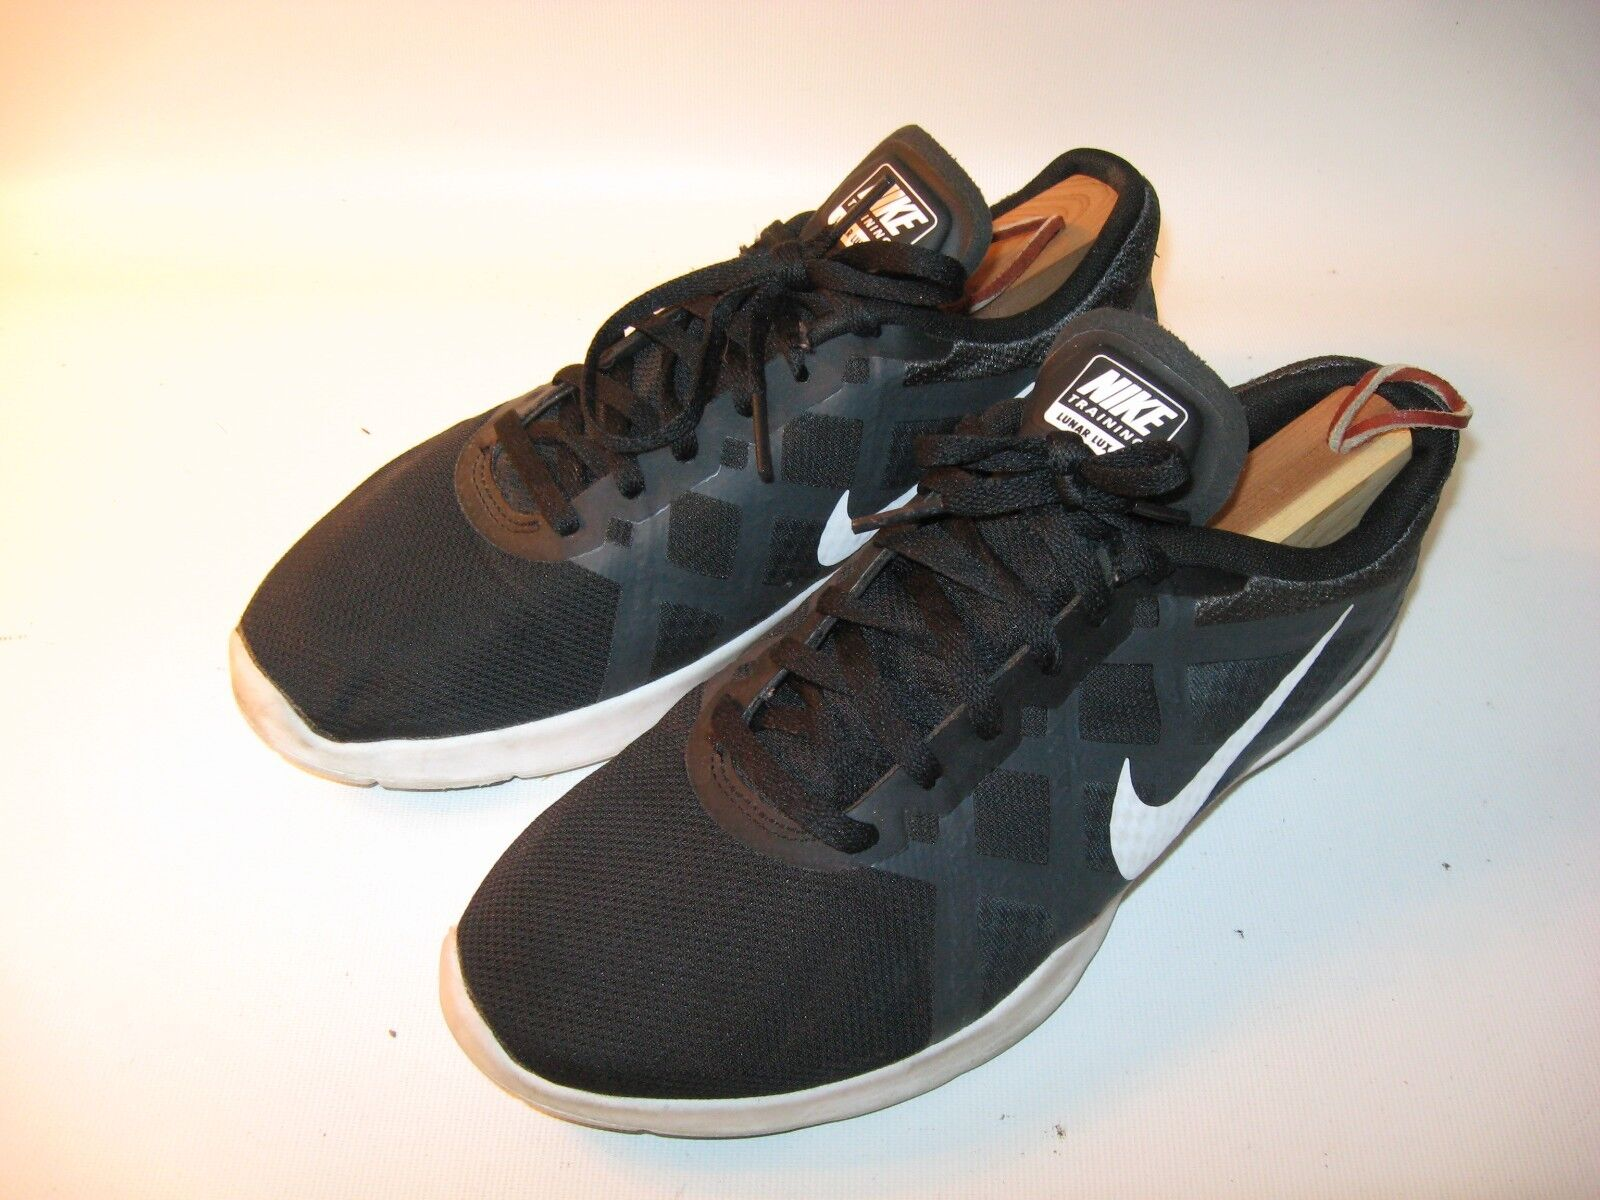 Nike lunar lux tr le scarpe da da da corsa, nero 749183-001 - 7,5 () | Prima i consumatori  | Uomini/Donne Scarpa  b6ff1f